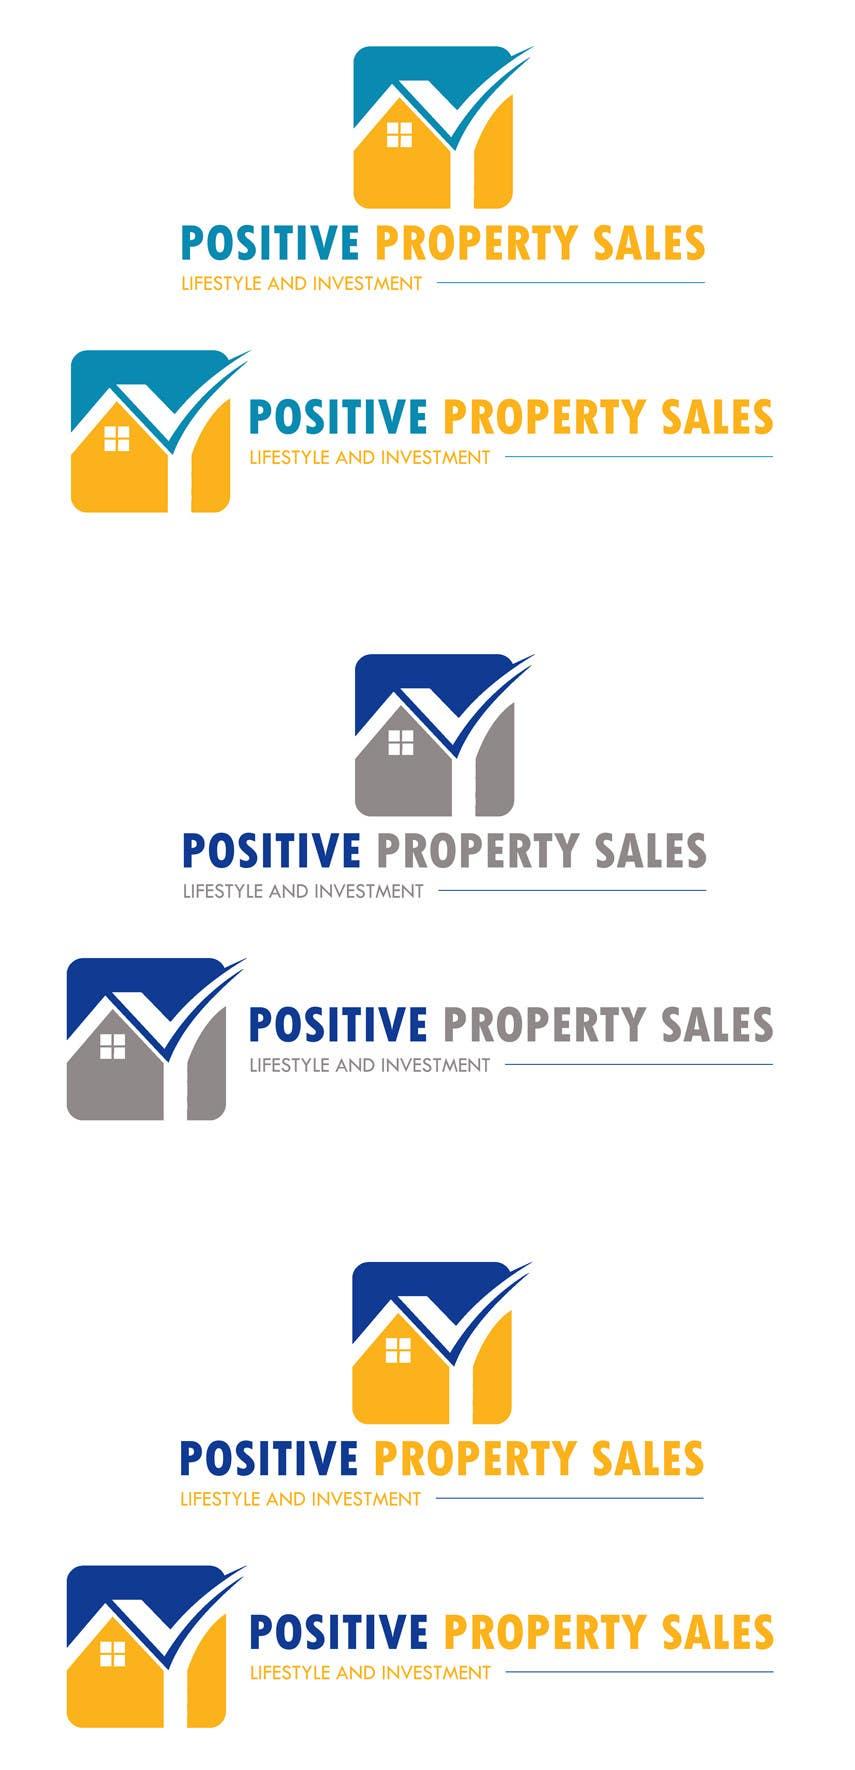 Konkurrenceindlæg #                                        61                                      for                                         Design a Logo for Positive Property Sales (positivepropertysales.com)